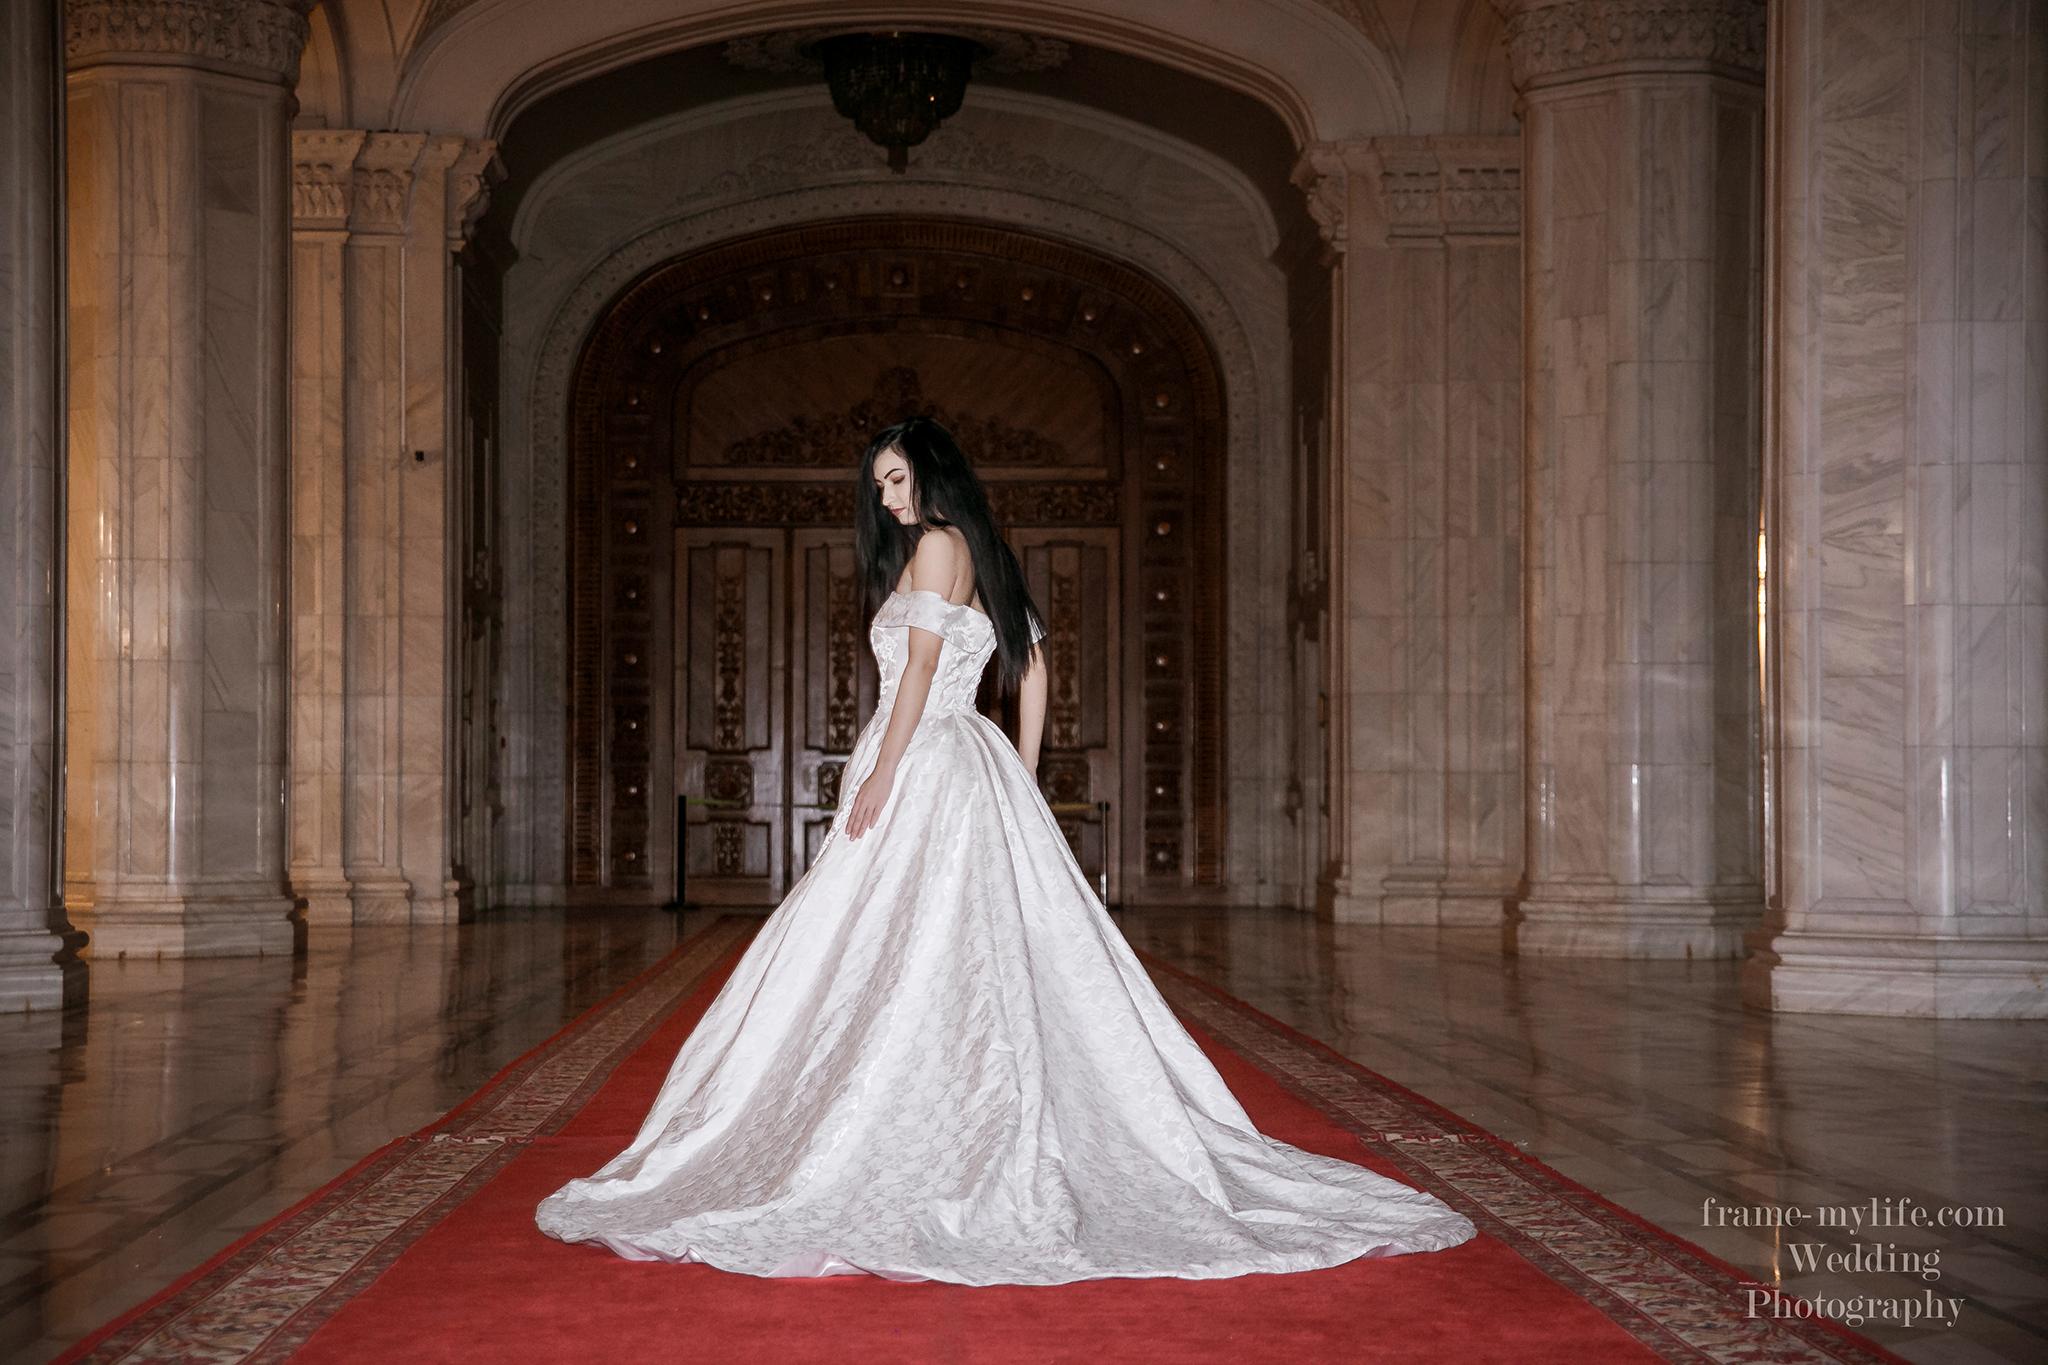 Cauta i rochie de ceremonie pentru femei